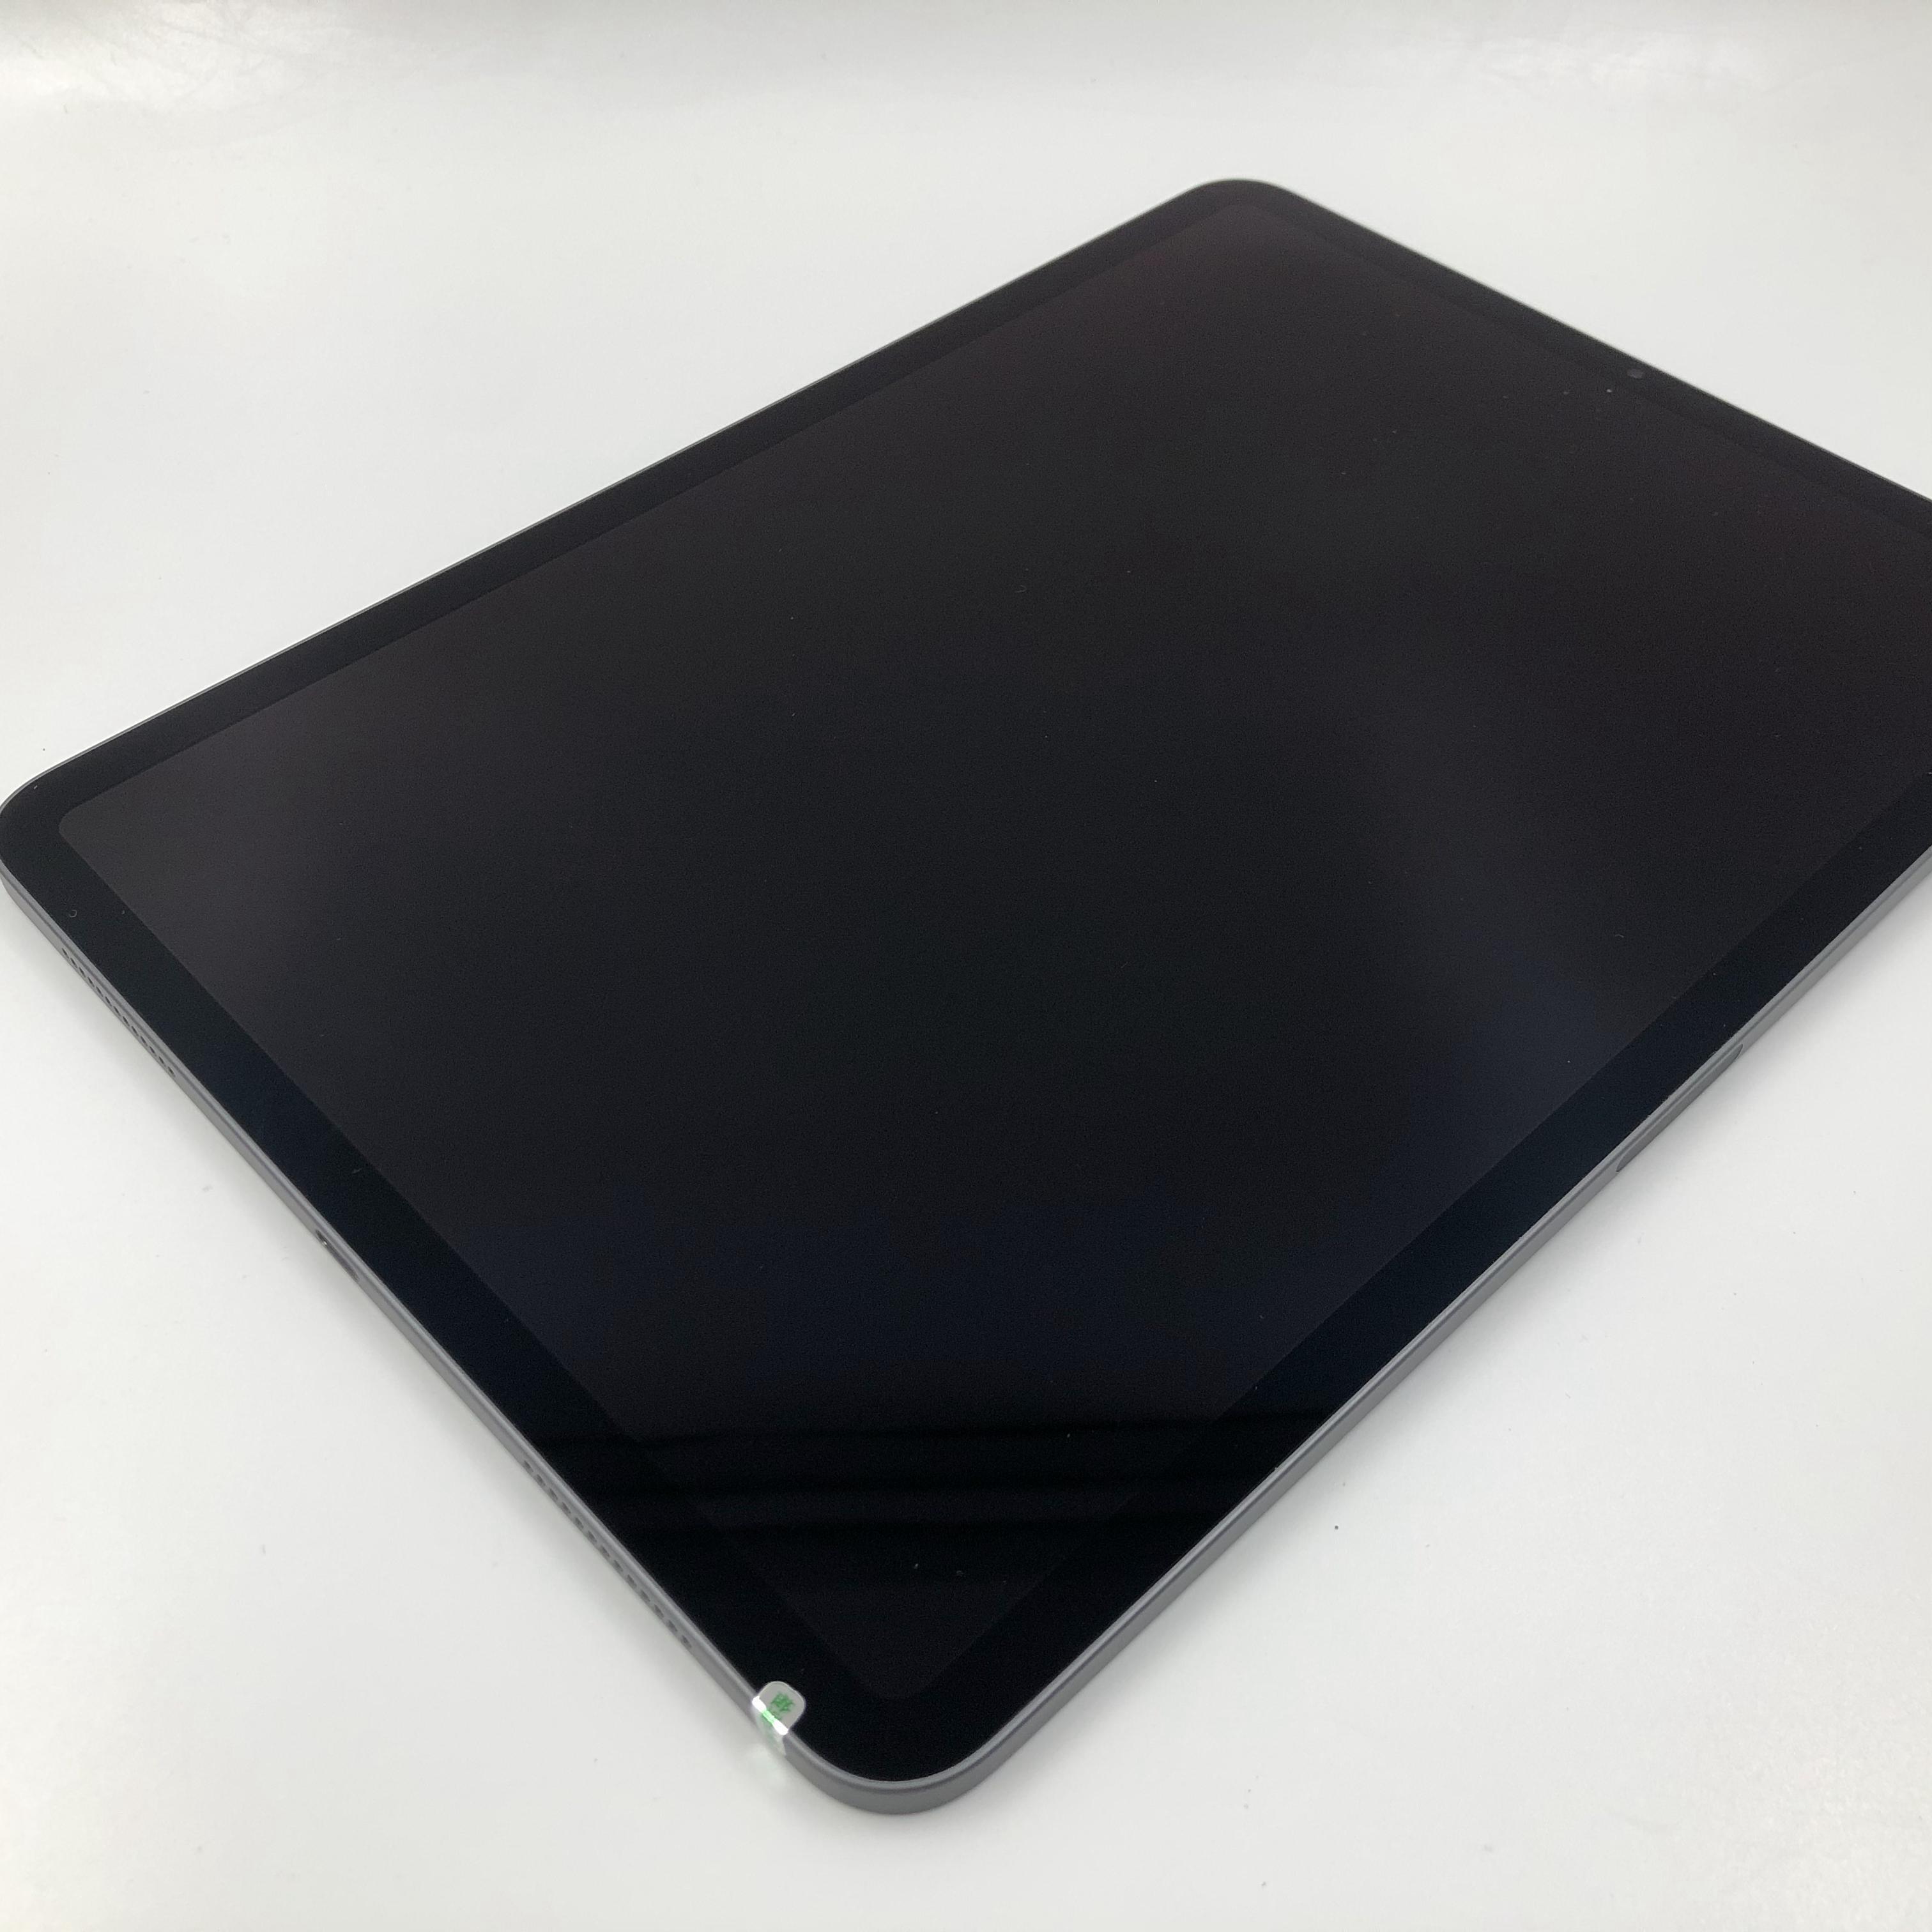 苹果【iPad Pro 11英寸 18款】WIFI版 深空灰 256G 国行 99新 真机实拍